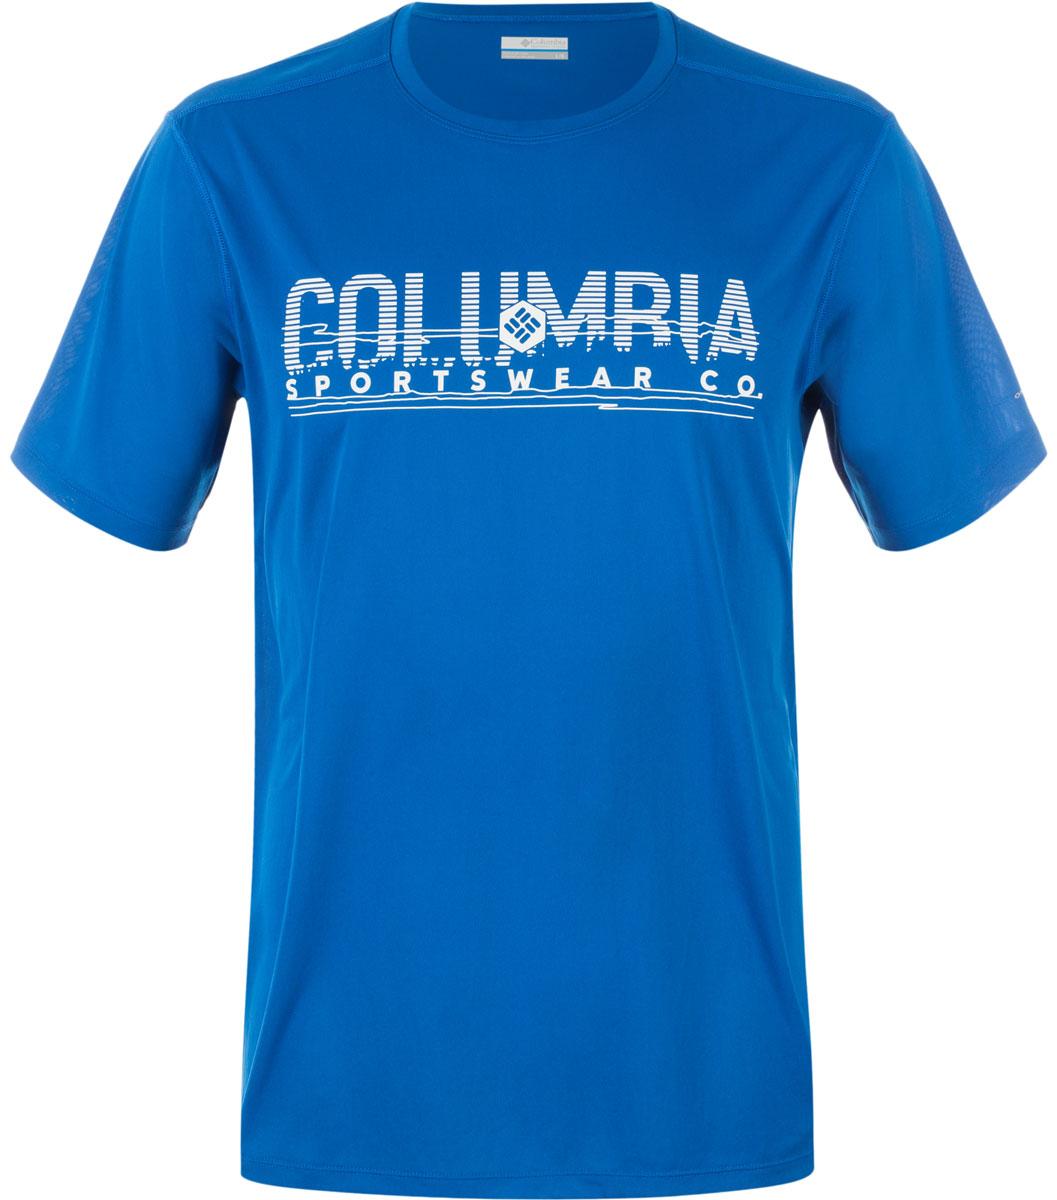 Футболка мужская Columbia Tech Trek Graphic SS Shirt T-shirt, цвет: синий. 1711801-438. Размер XL (52/54)1711801-438Мужская футболка Columbia изготовлена из высококачественного быстросохнущего полиэстера. Футболка с круглым вырезом горловины и короткими рукавами незаменима для занятий спортом. Крупный принт на груди придает изделию оригинальность.